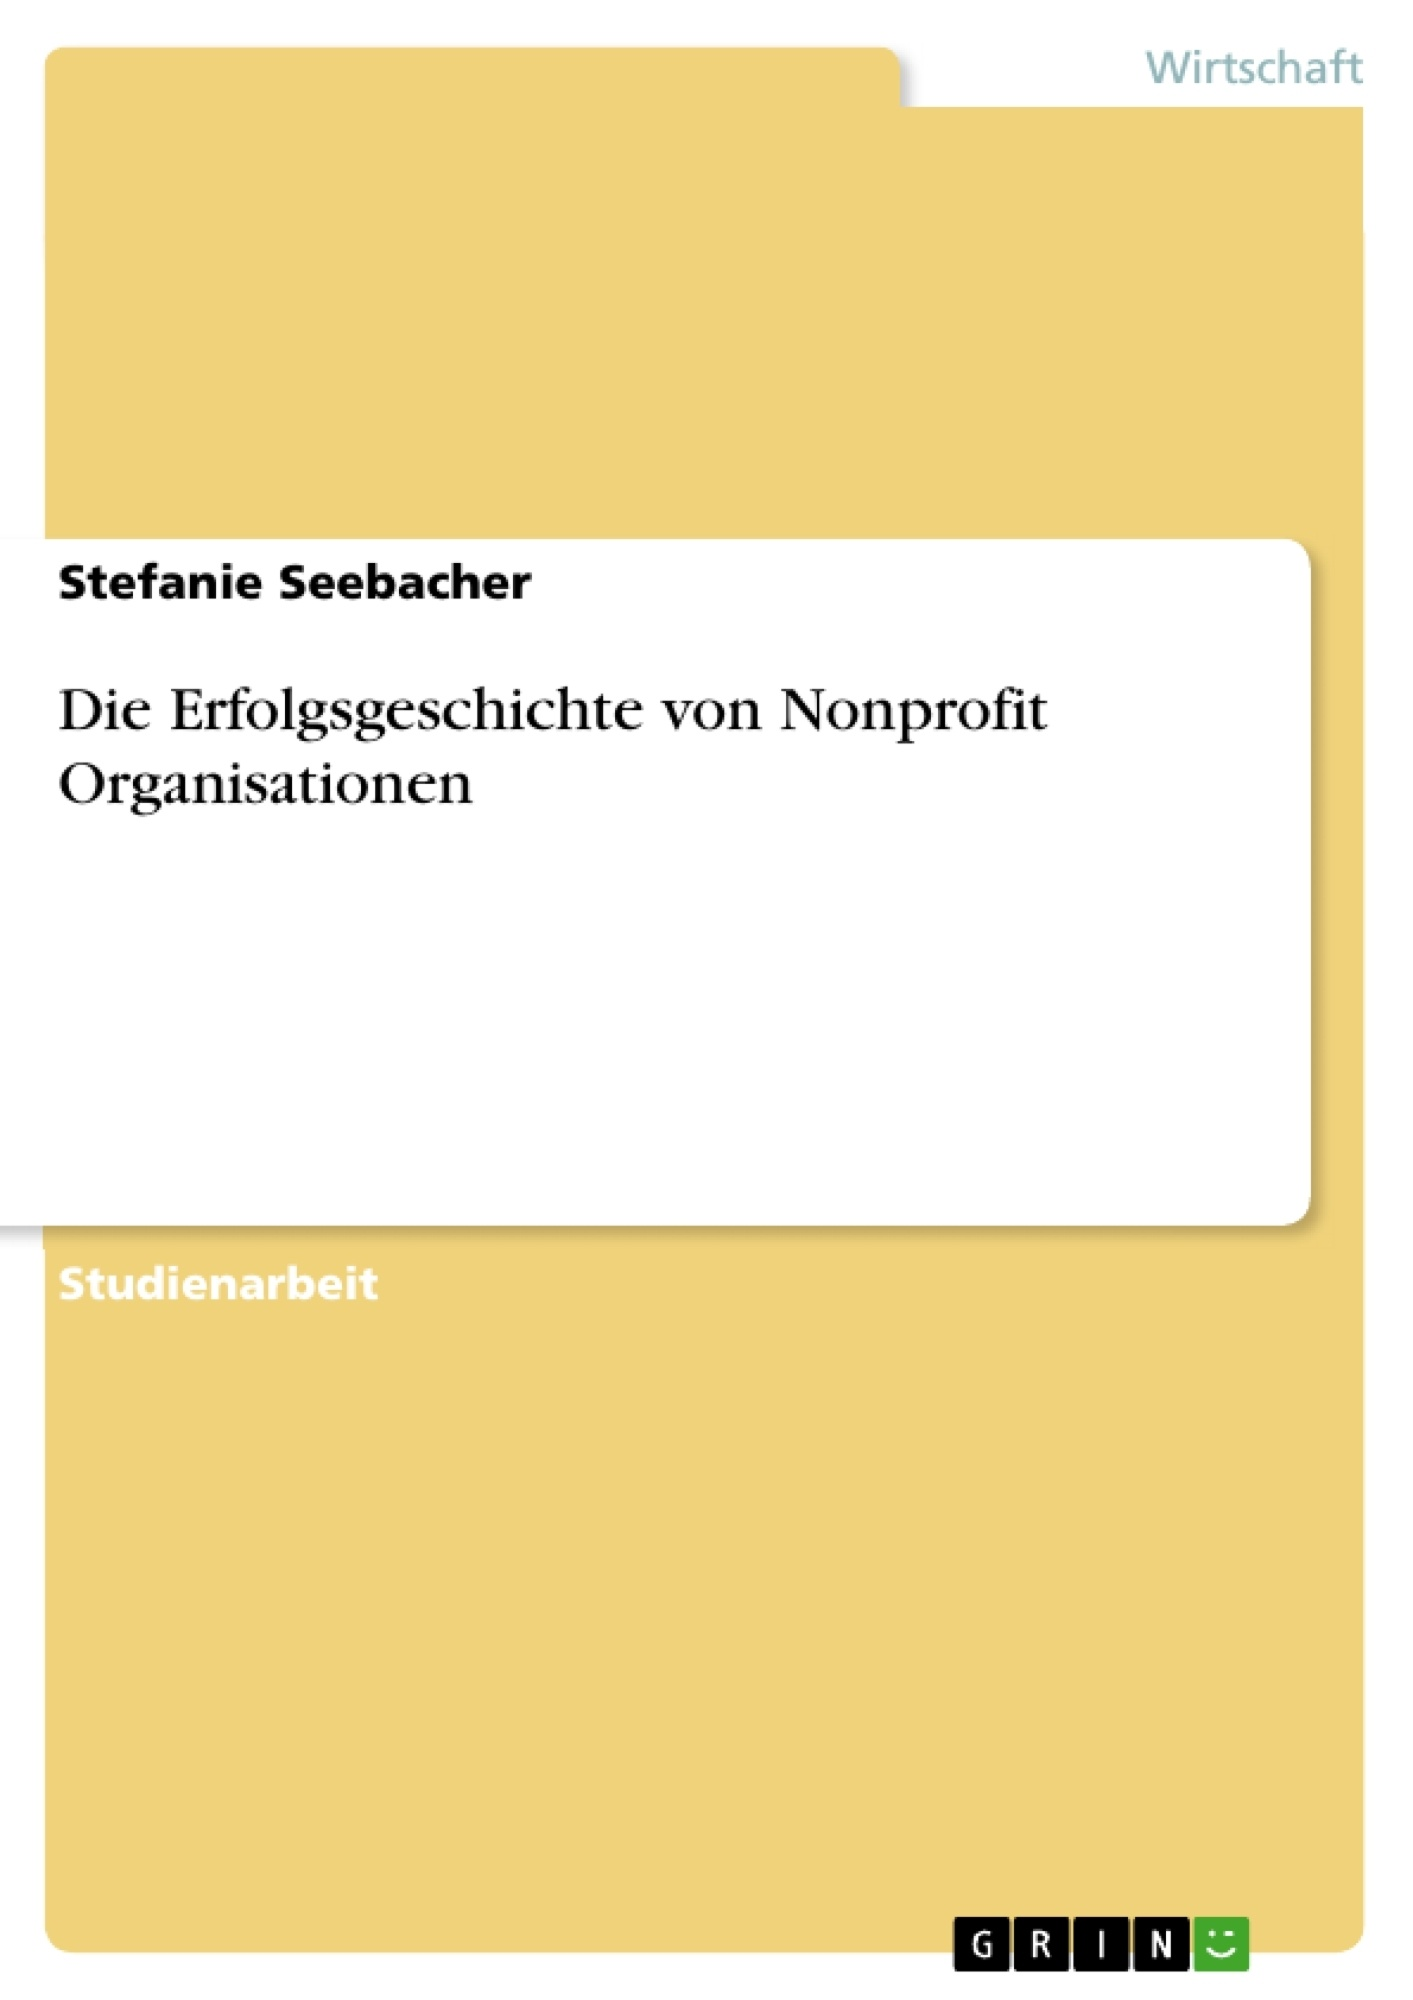 Titel: Die Erfolgsgeschichte von Nonprofit Organisationen